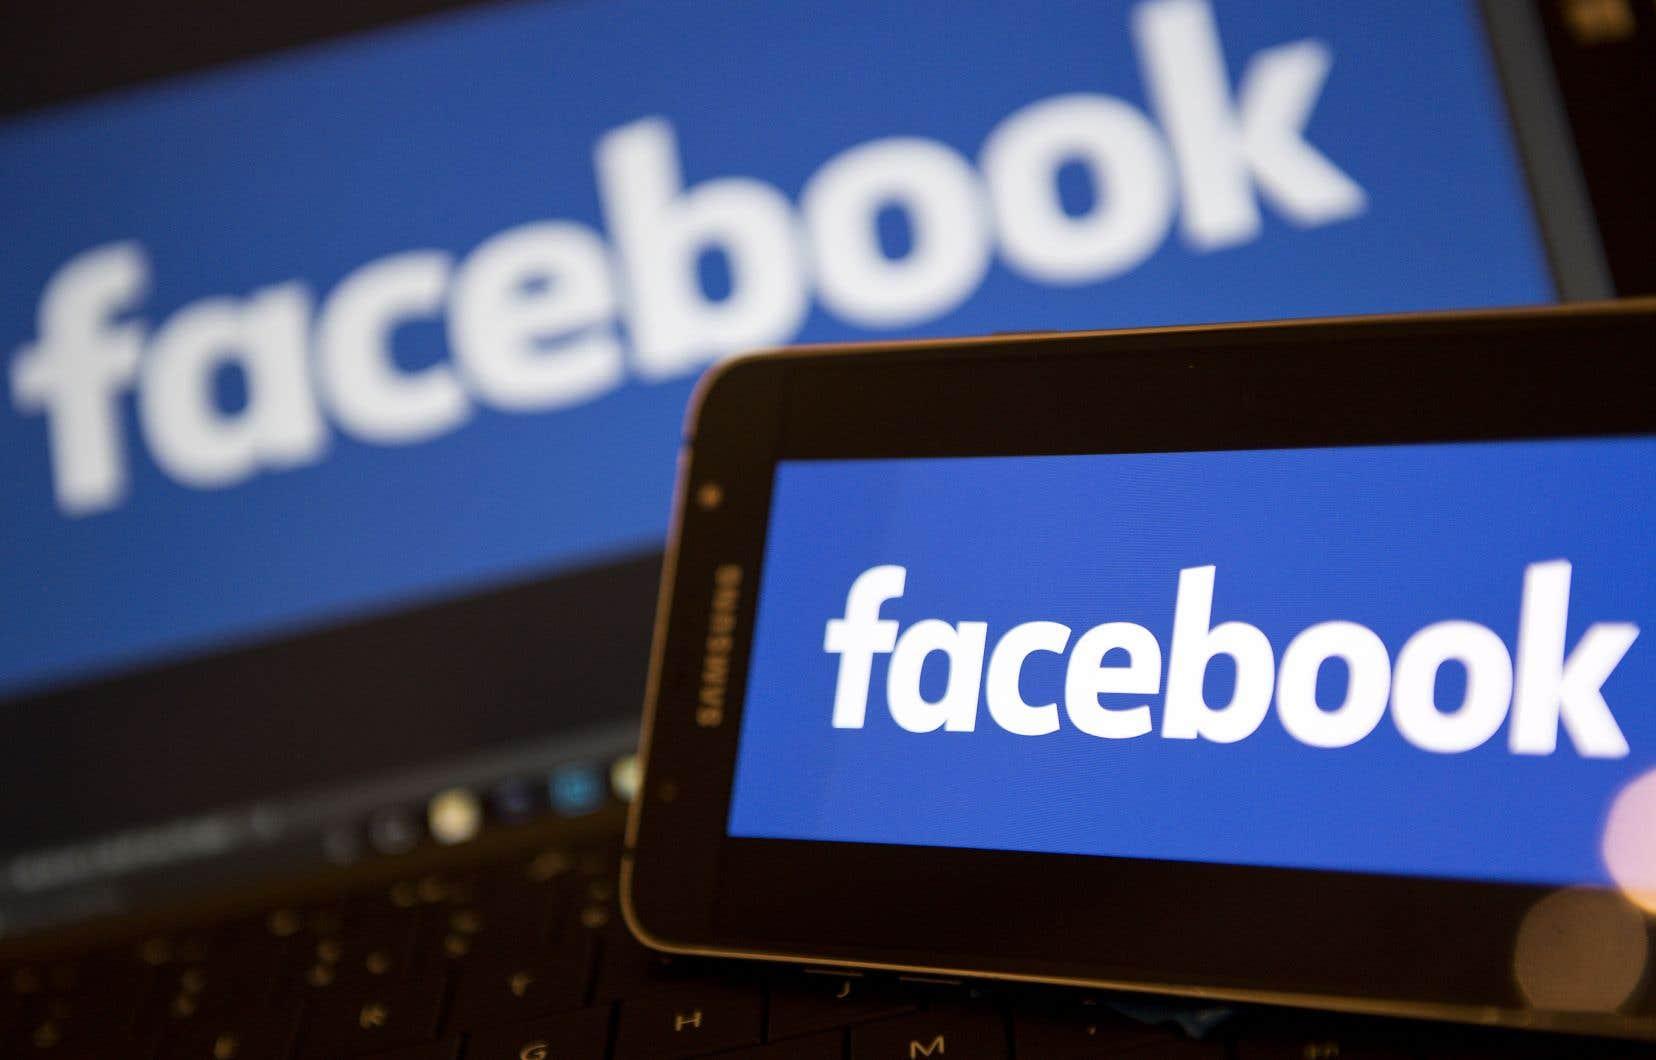 Cambridge Analytica a «nié fermement» avoir récupéré sans leur consentement les données de 50 millions d'utilisateurs de Facebook.